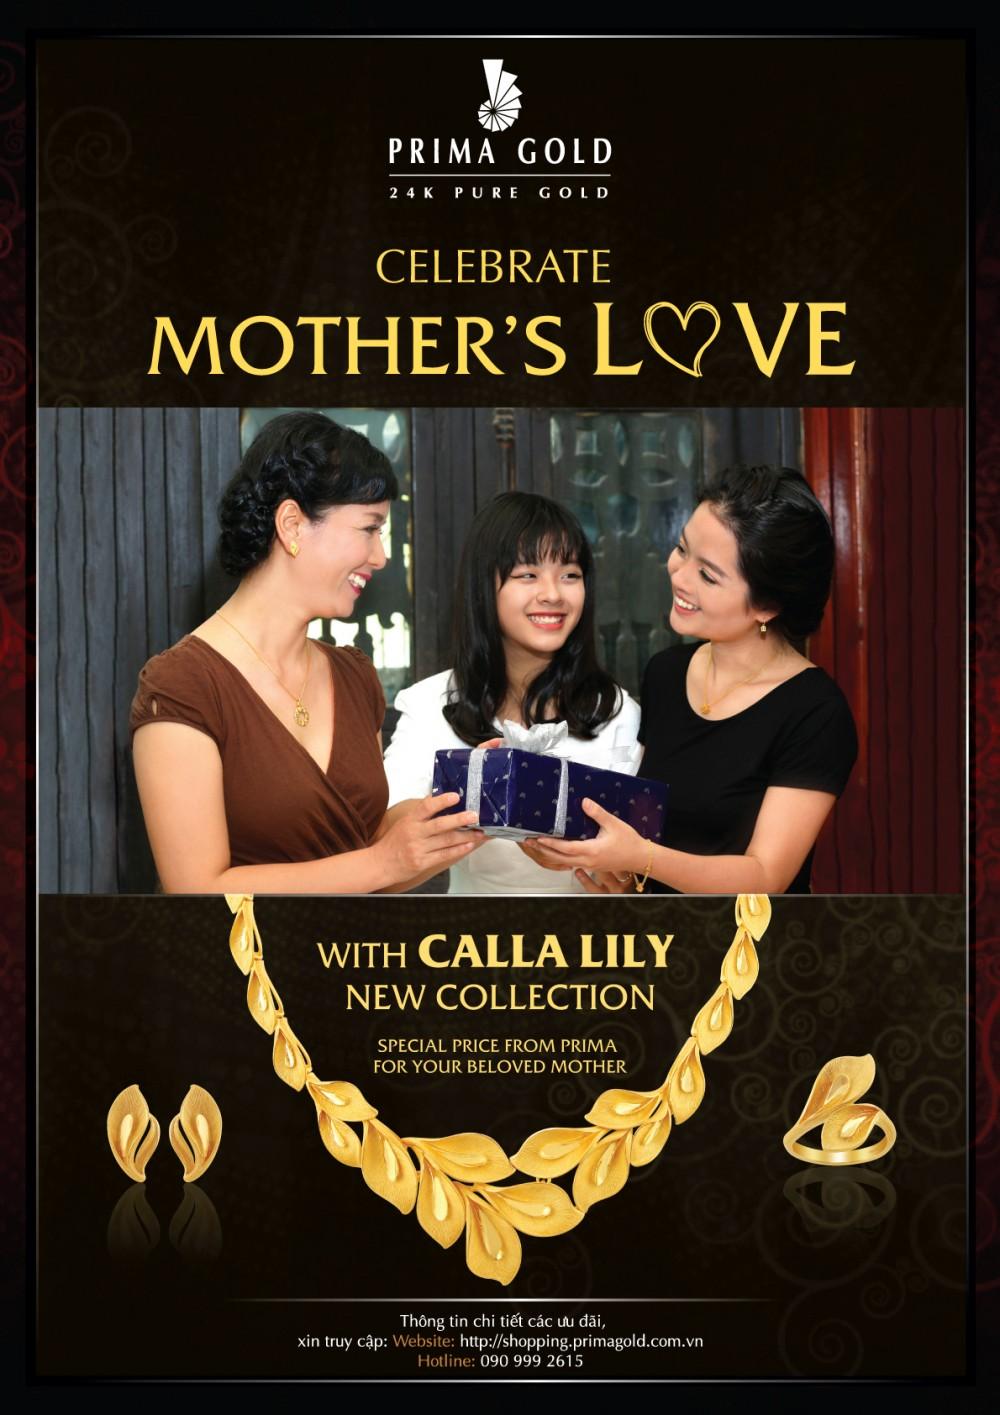 Món quà tặng Mẹ yêu thương